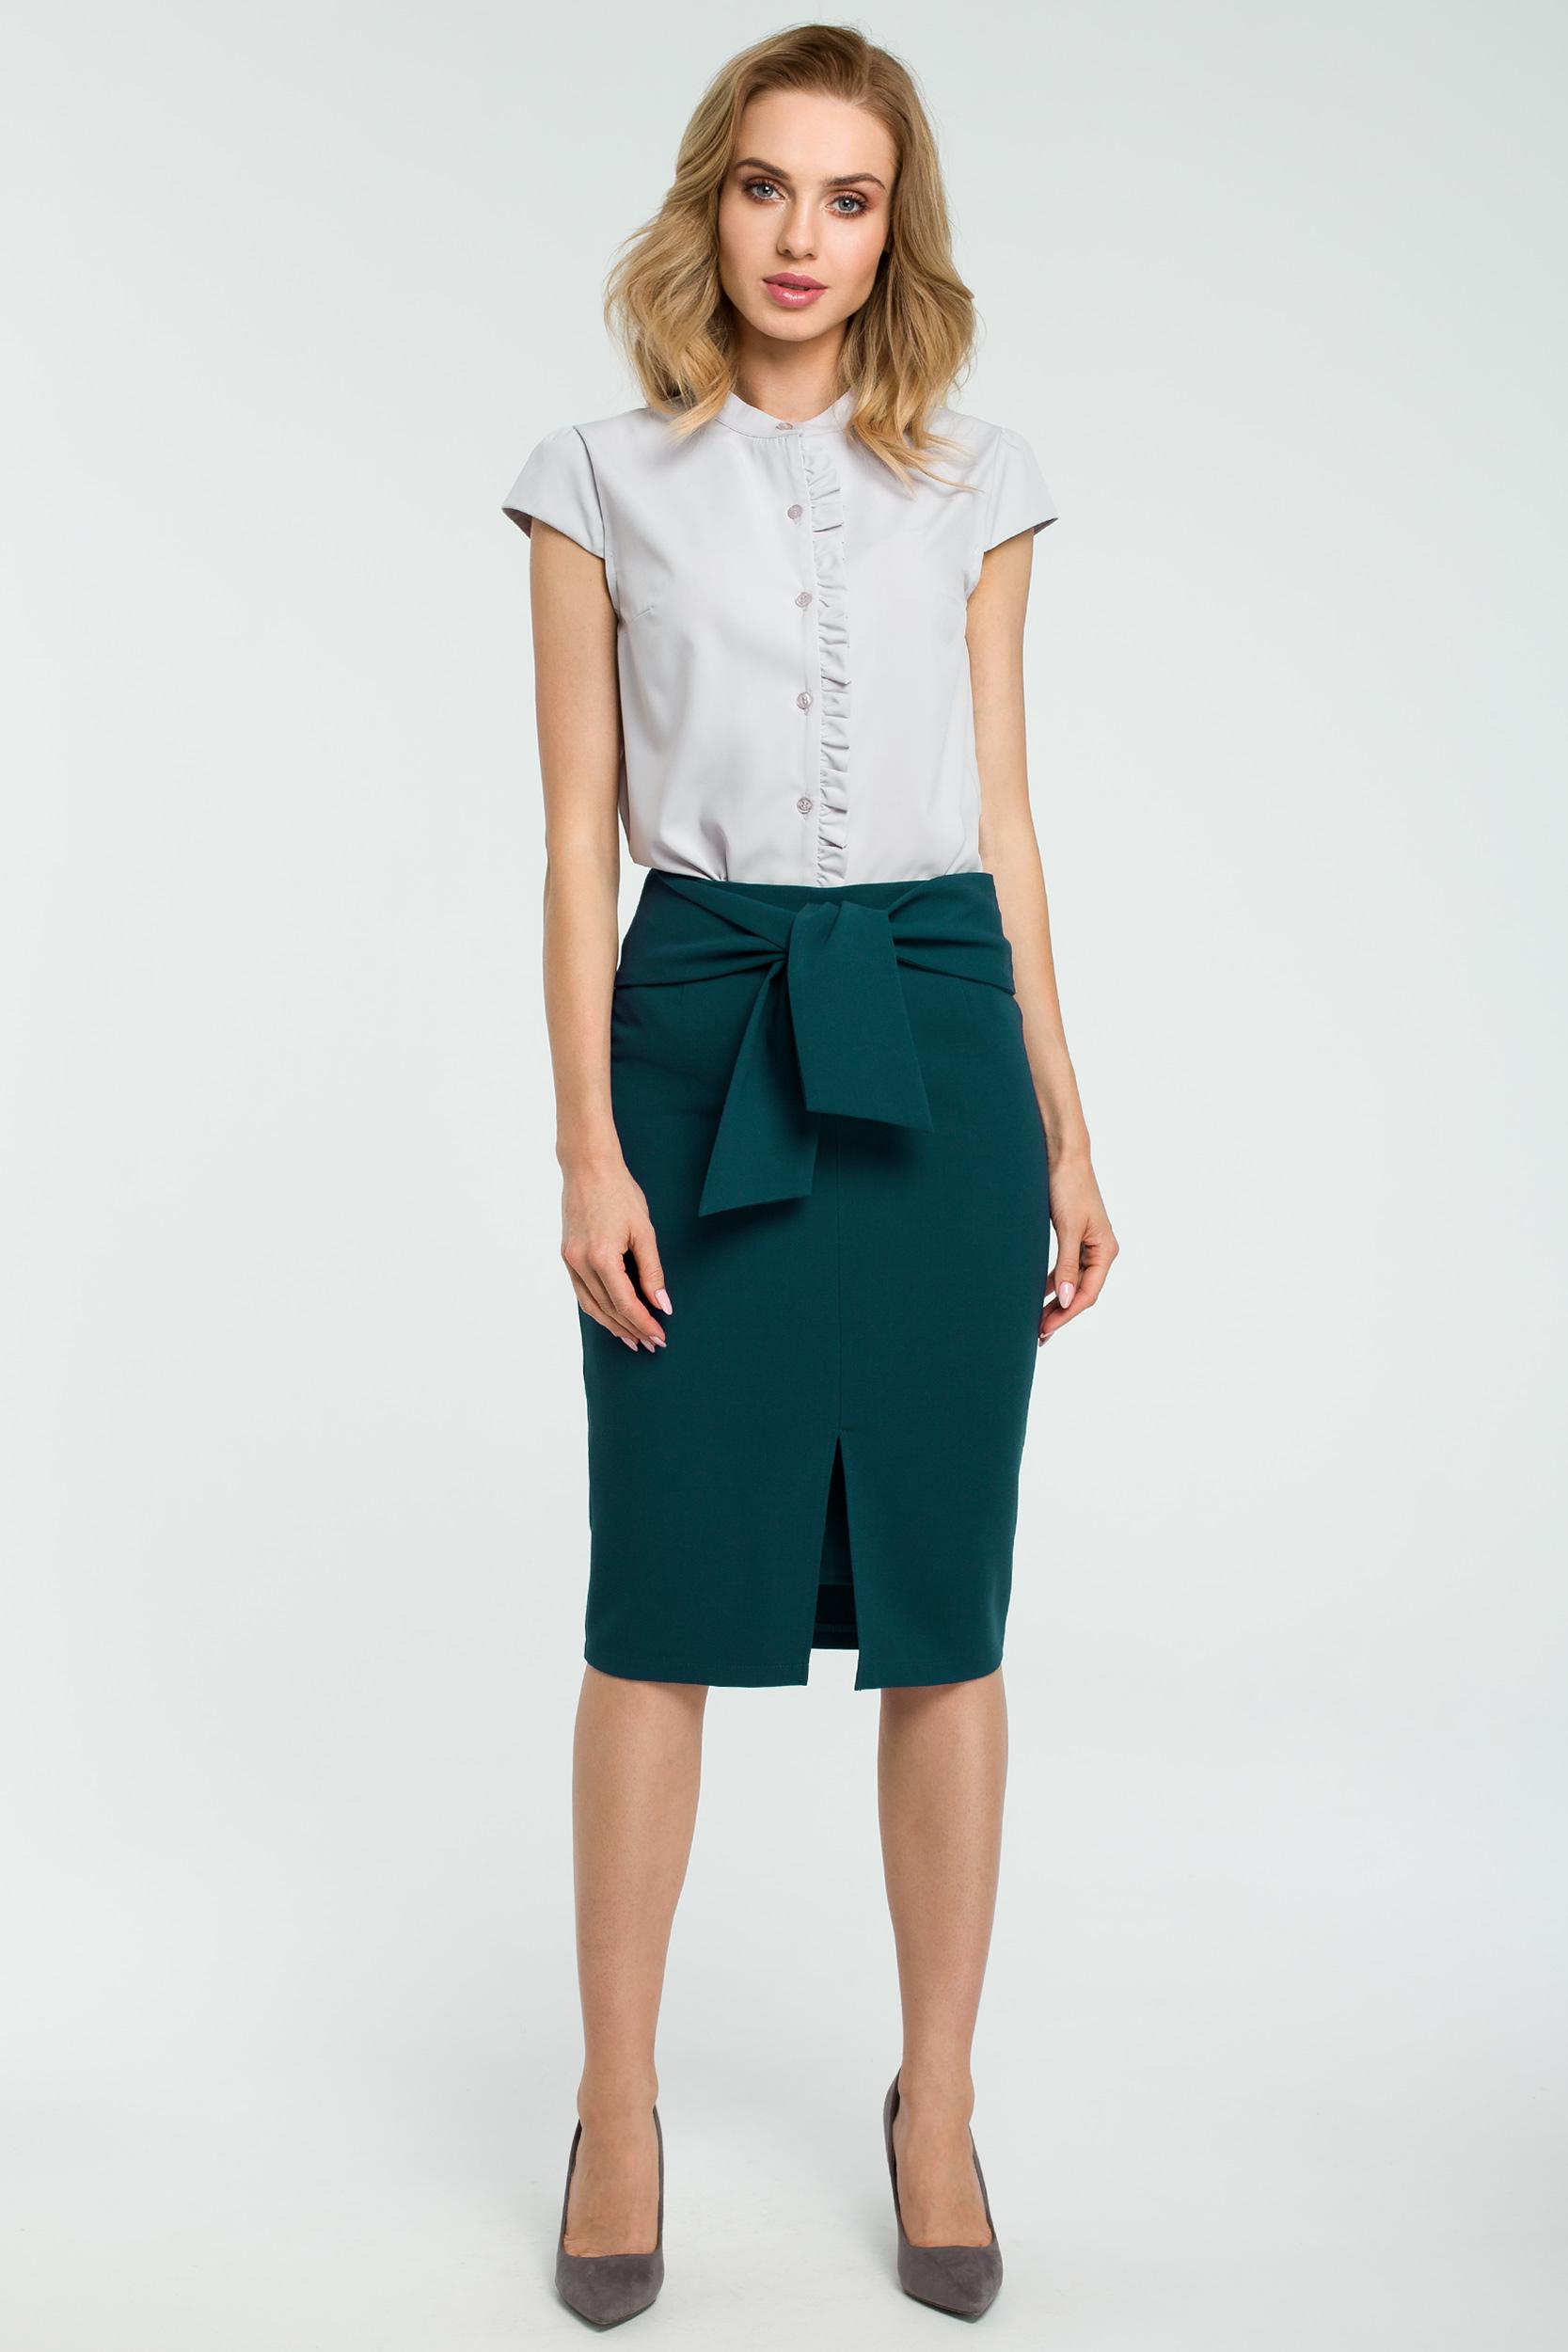 0cbaffc6ee03ef Elegancka spódnica ołówkowa wiązana paskiem zielona - kurier 5,99 zł